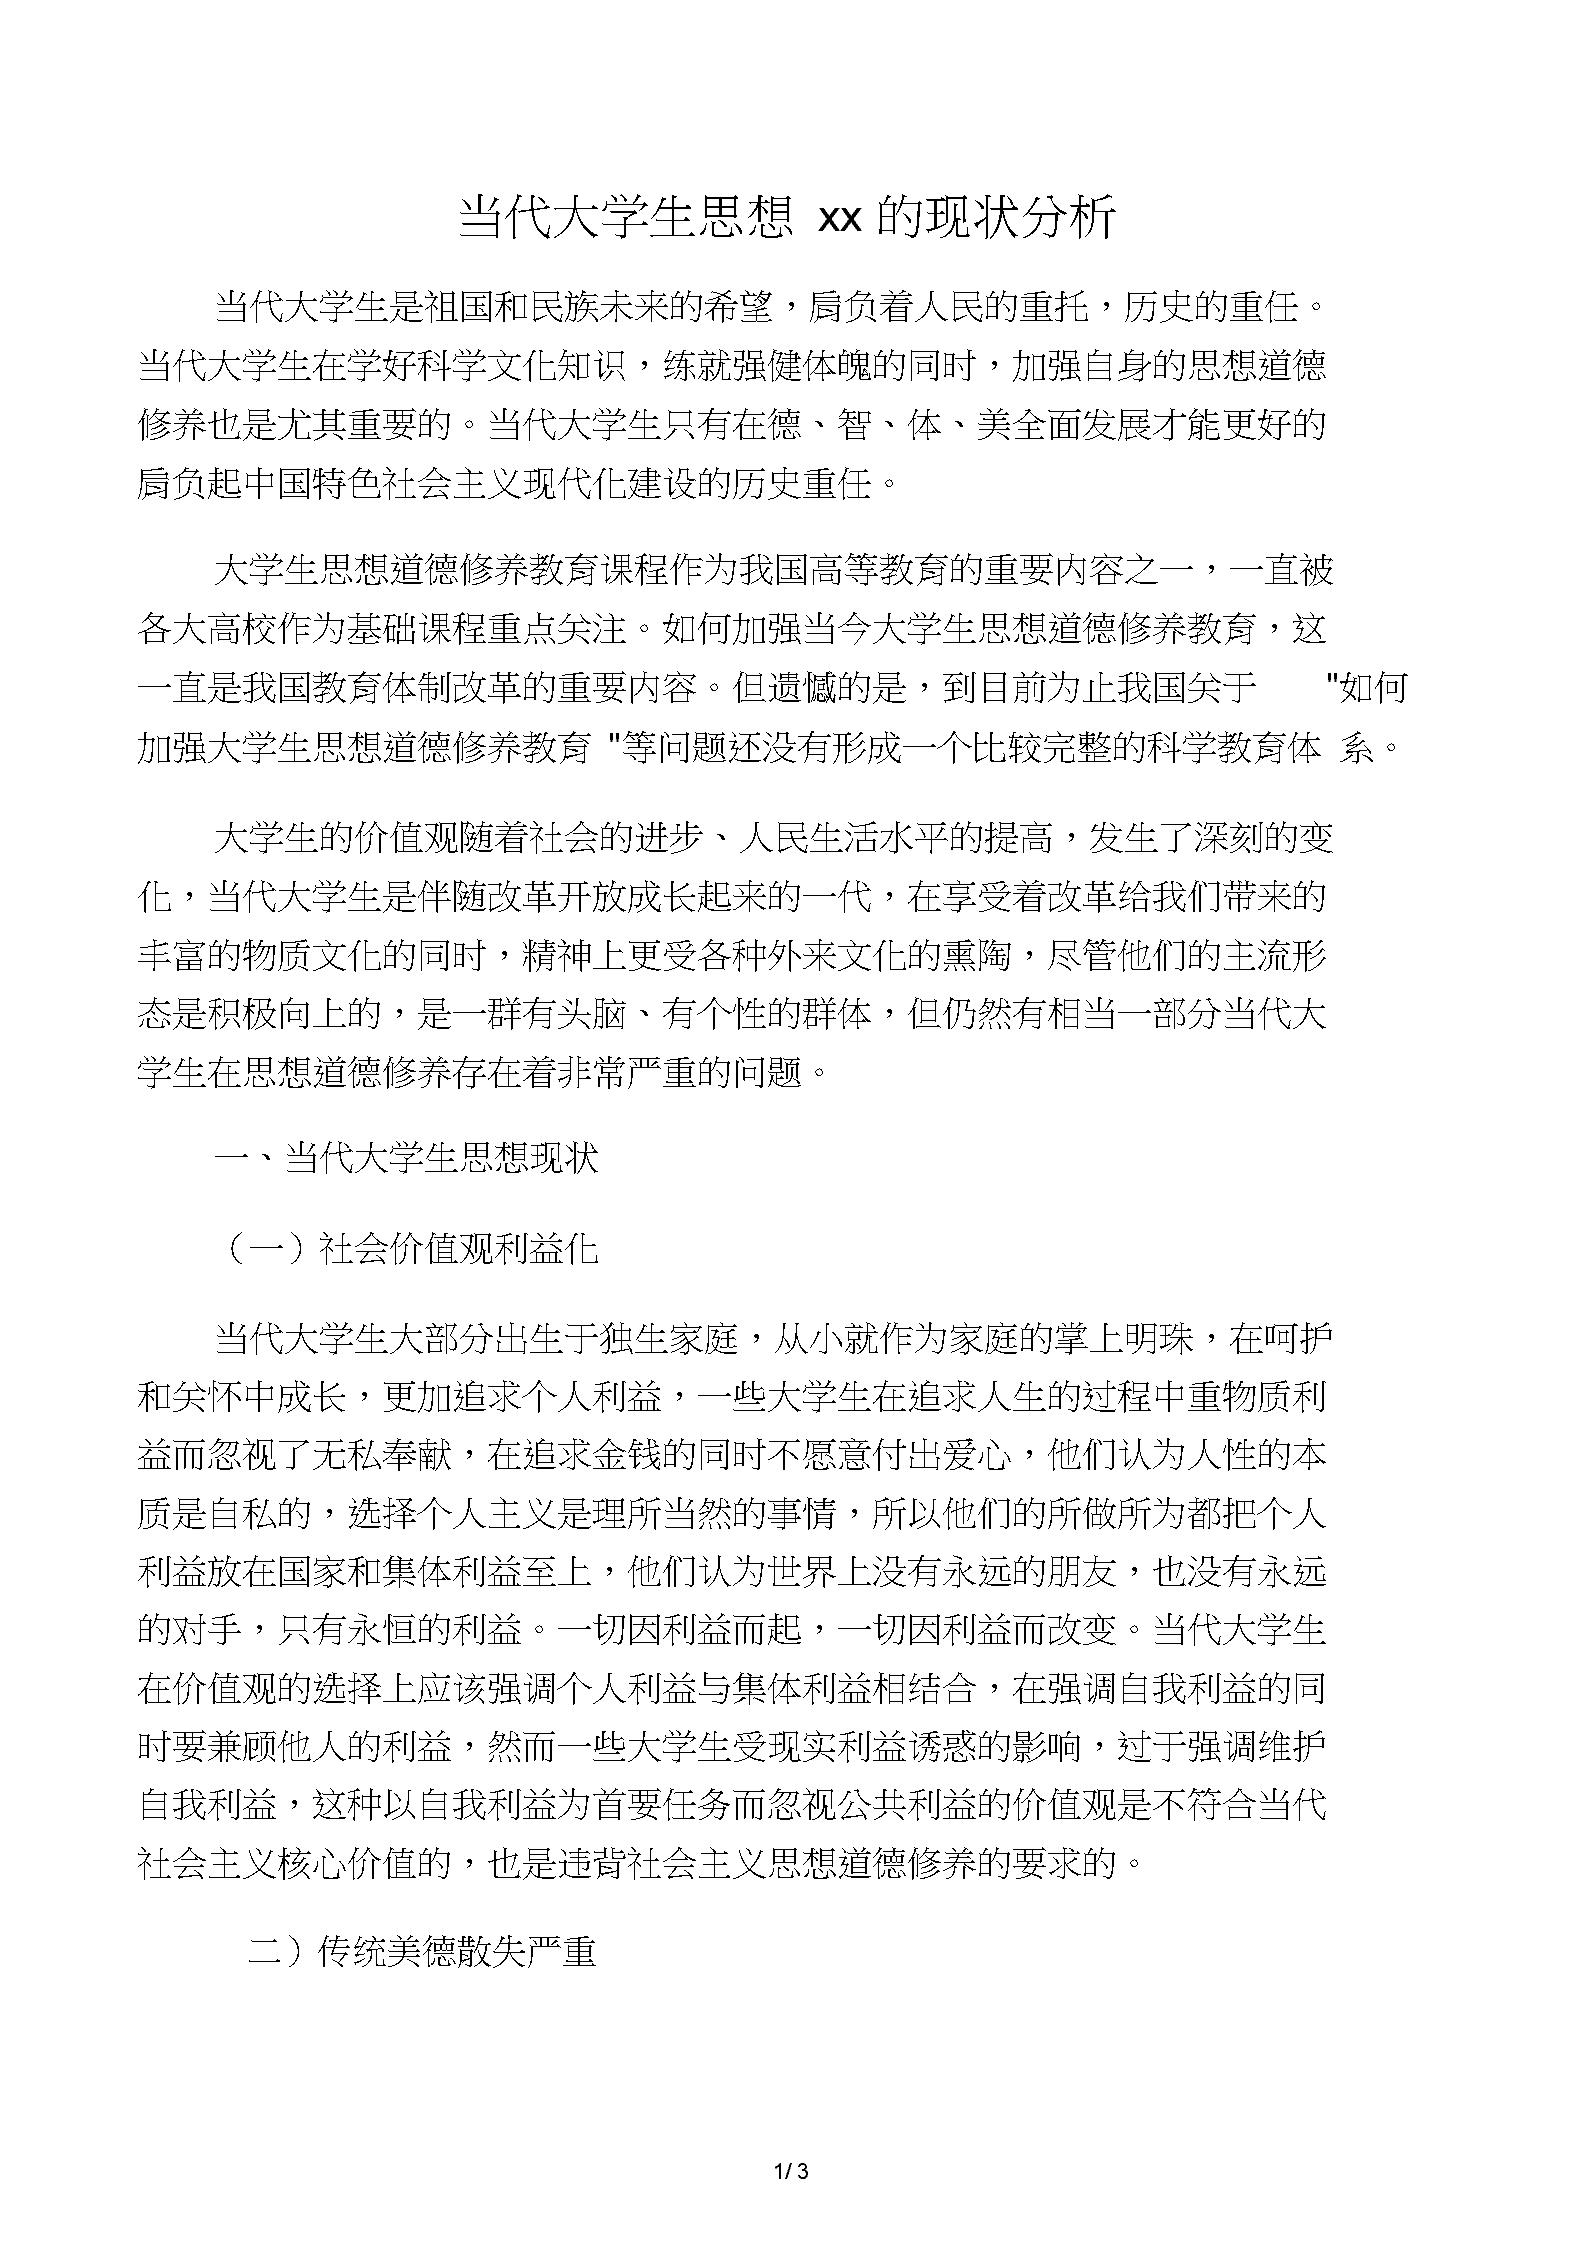 当代大学生思想道德修养的现状分析-2019年教育文档.docx